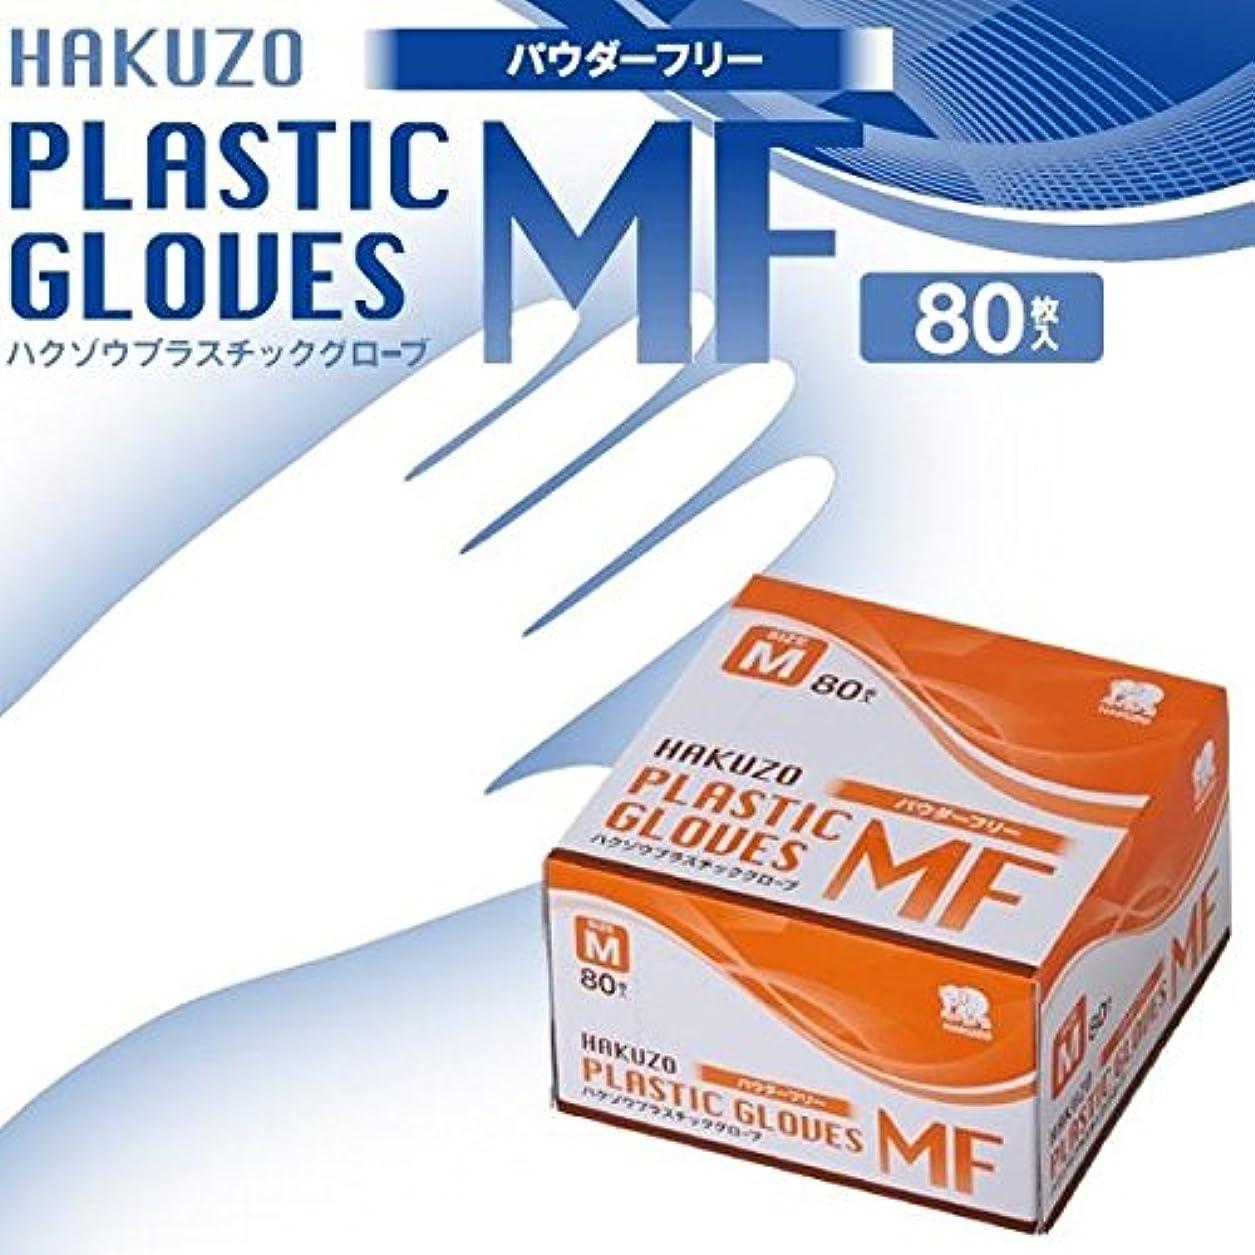 ふざけた夢中バックアップハクゾウ プラスチックグローブMF パウダーフリー M 80枚入×6箱セット